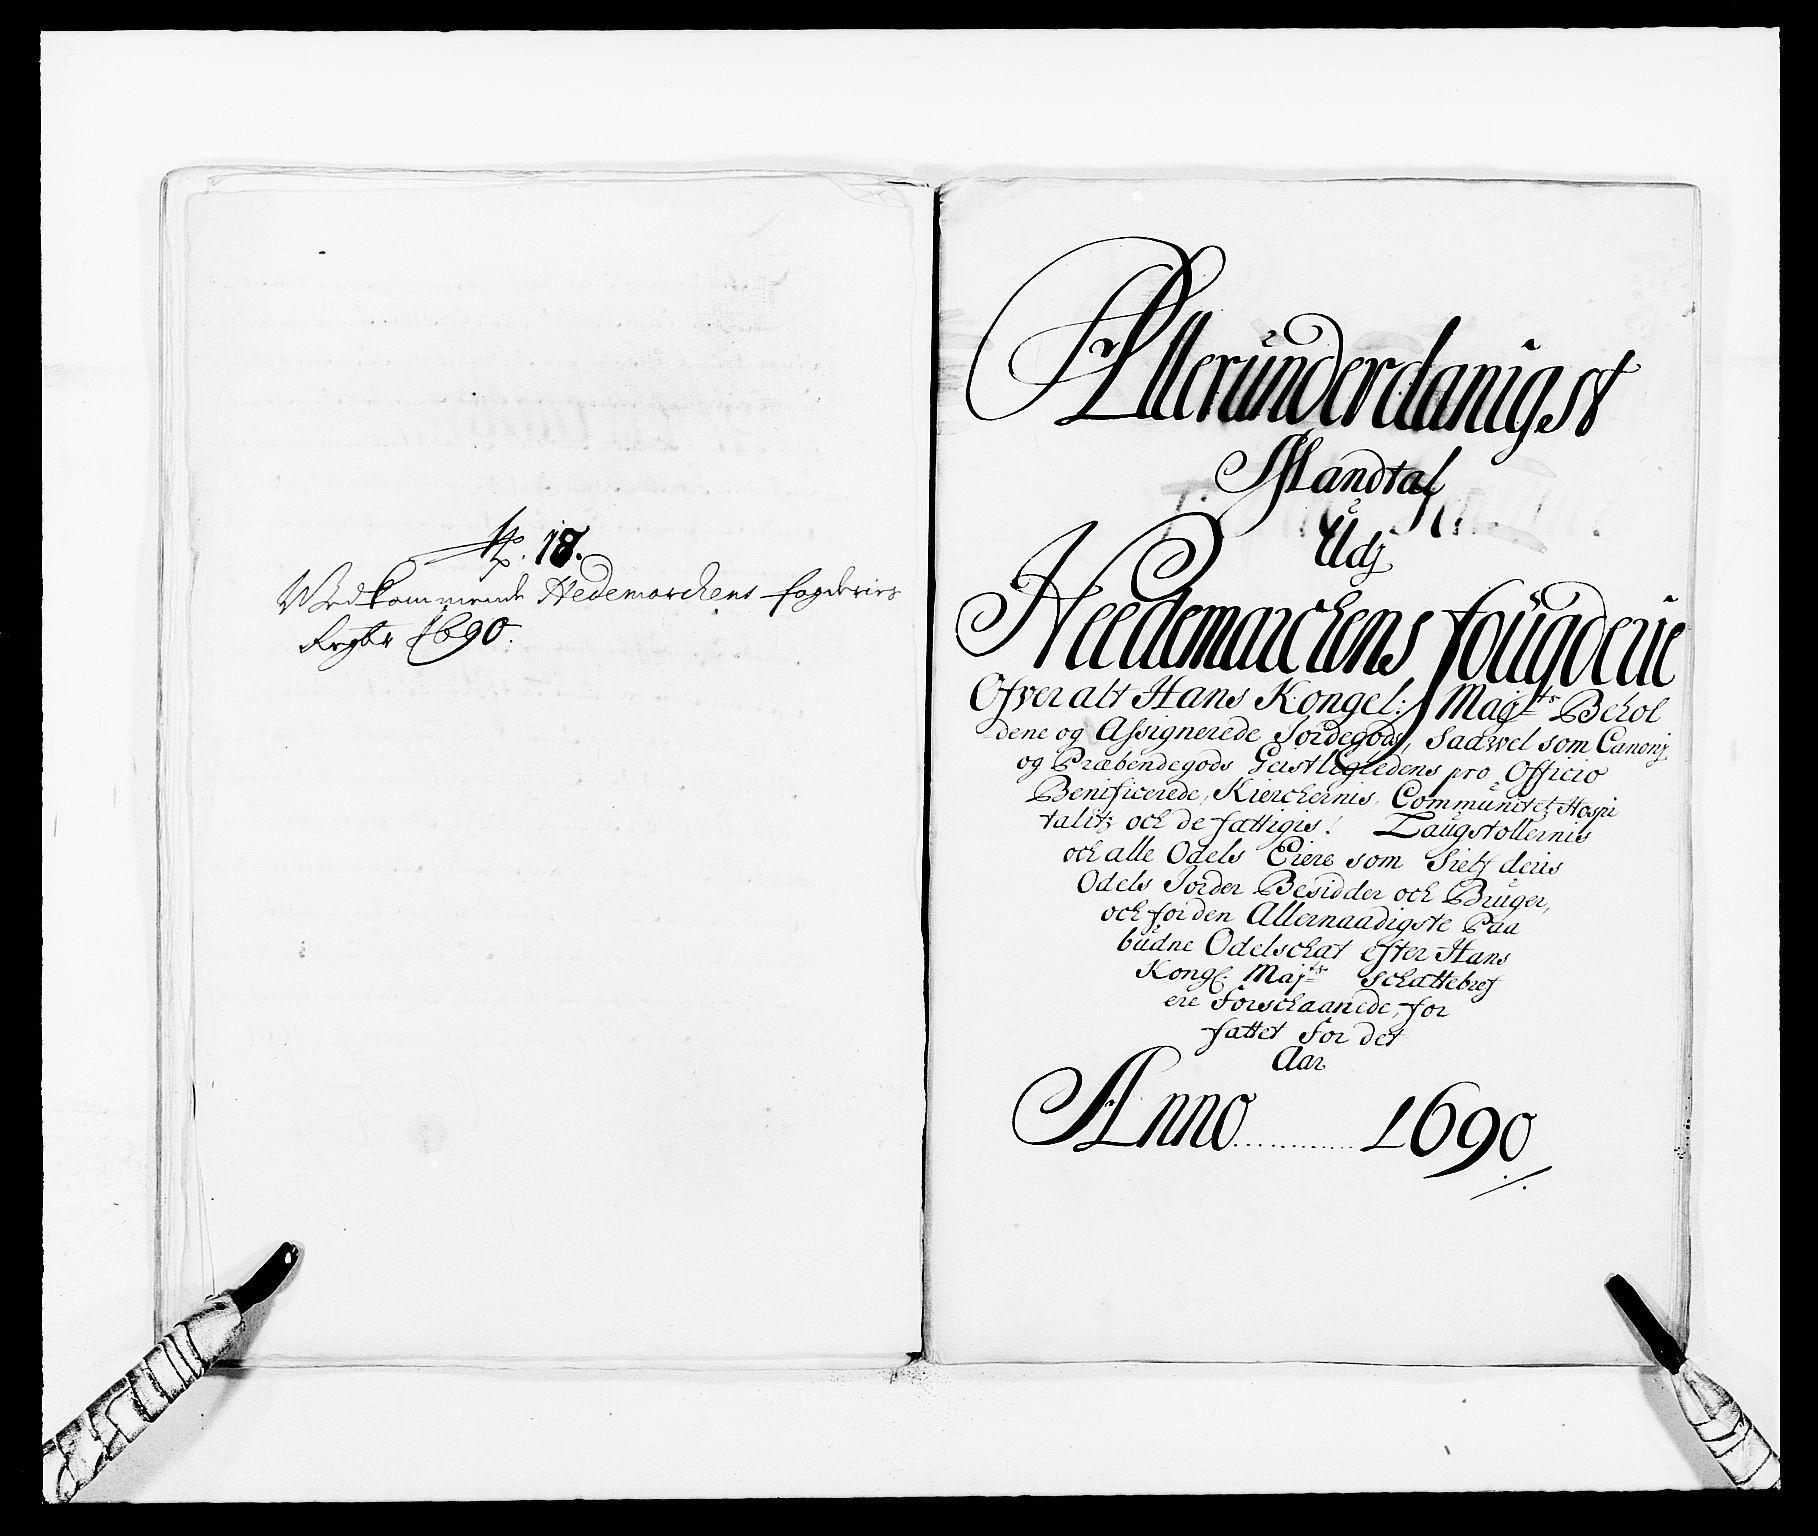 RA, Rentekammeret inntil 1814, Reviderte regnskaper, Fogderegnskap, R16/L1031: Fogderegnskap Hedmark, 1689-1692, s. 246